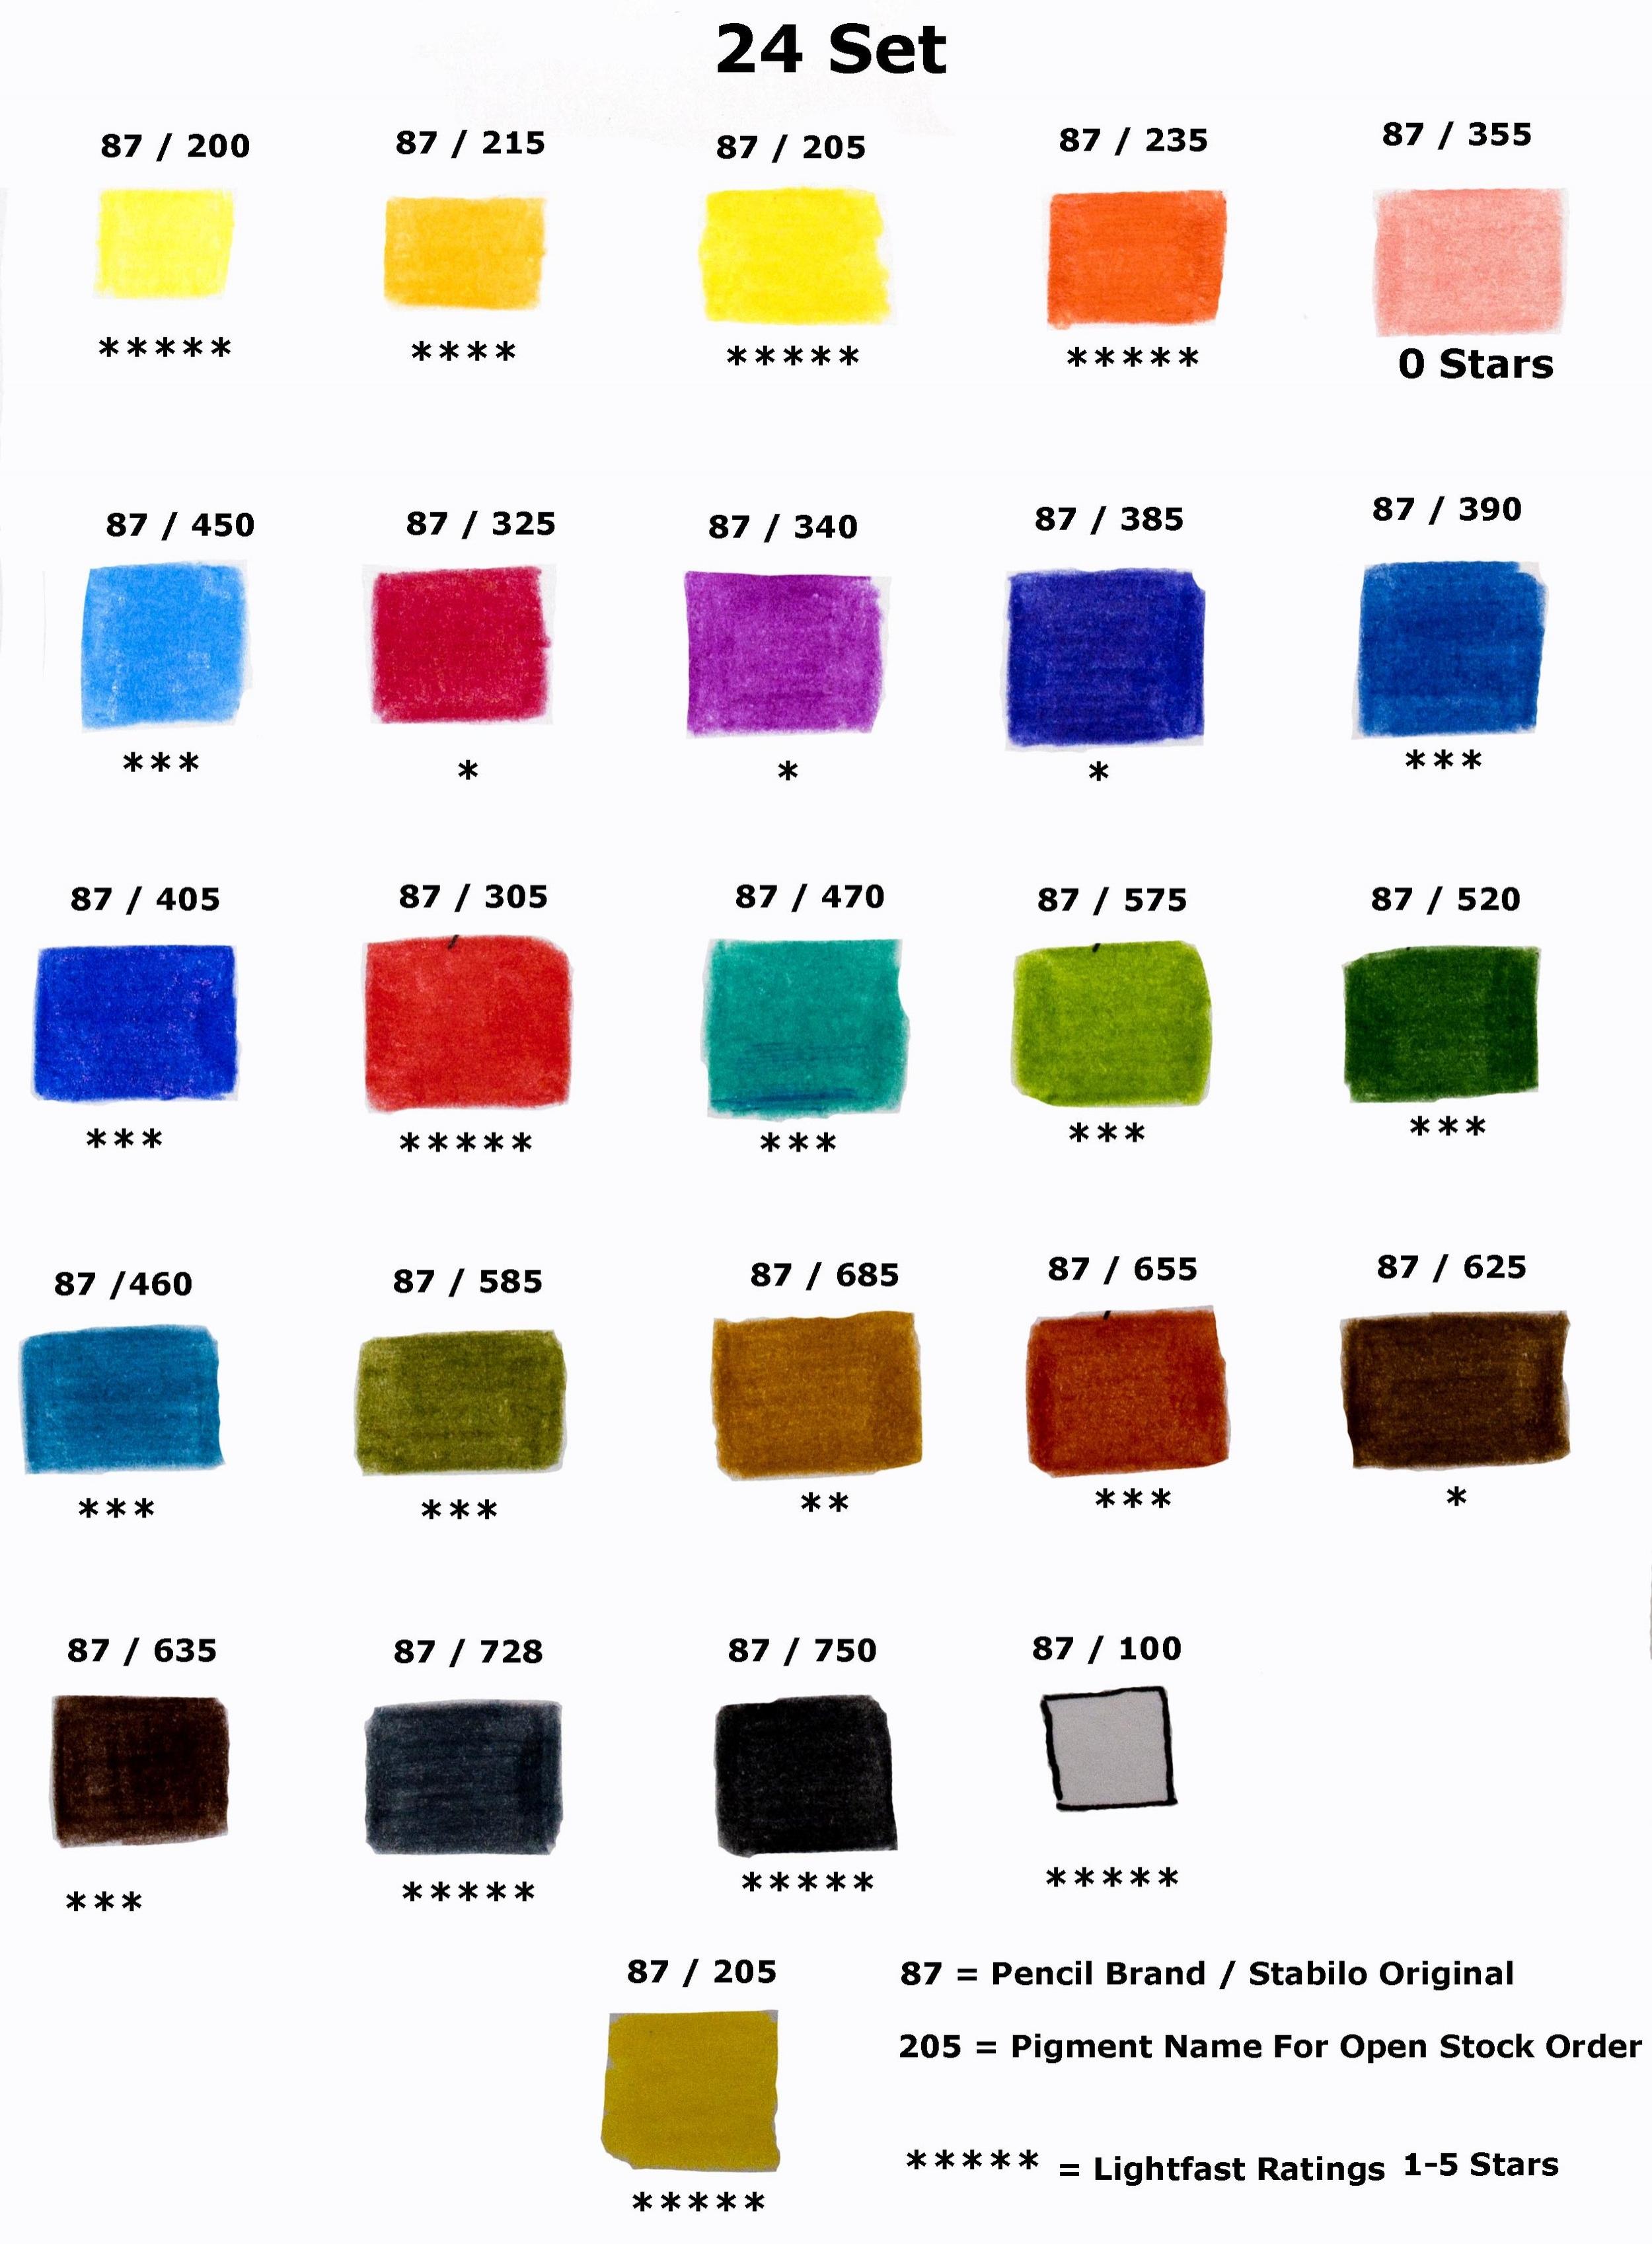 Stabilo Original New Chart .jpg